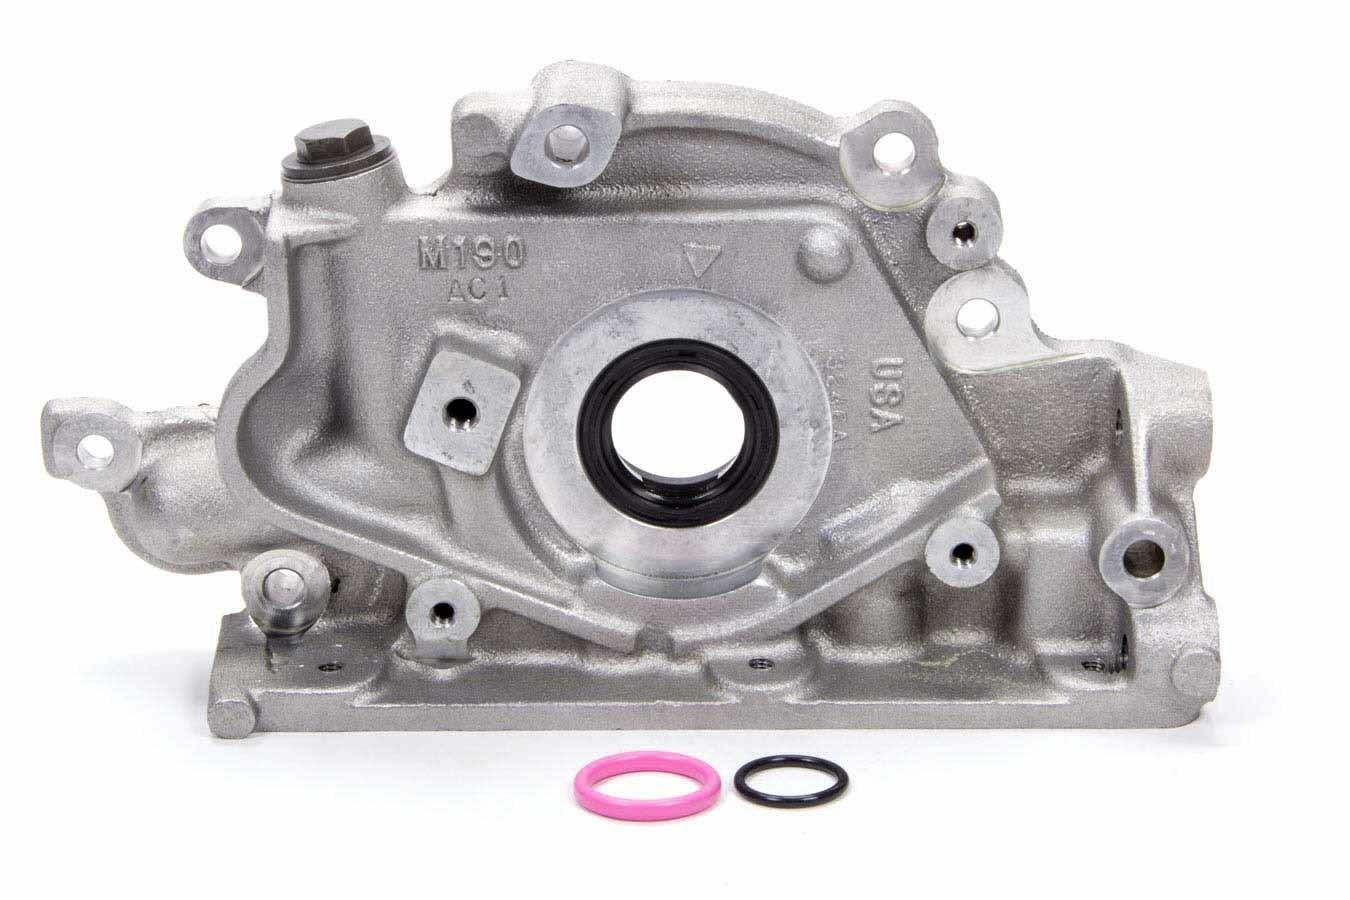 Chrysler Oil Pump Kit